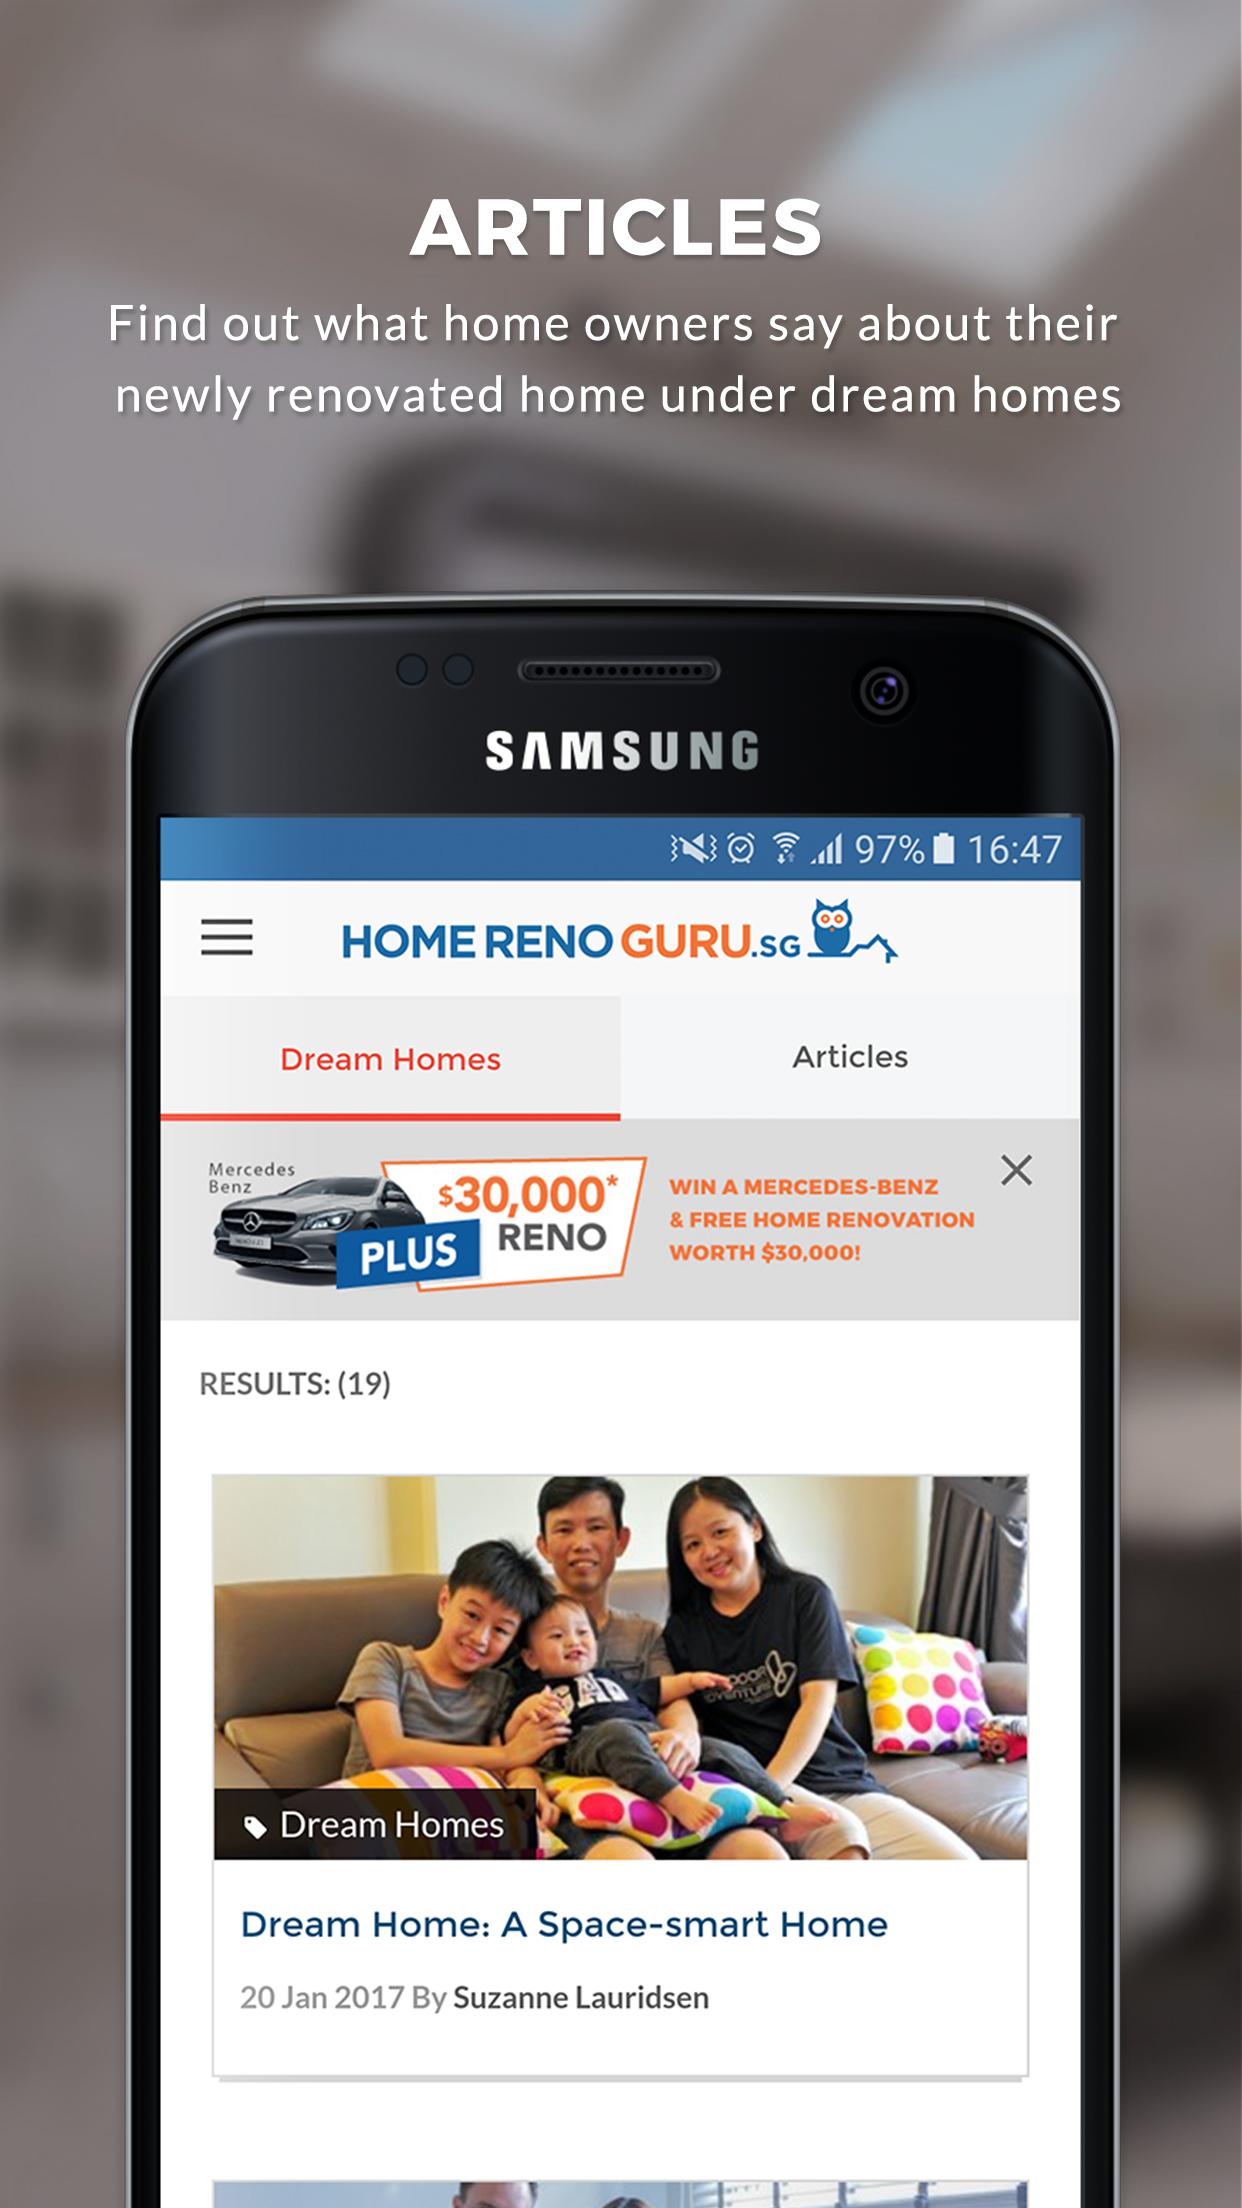 HRG-app-articles